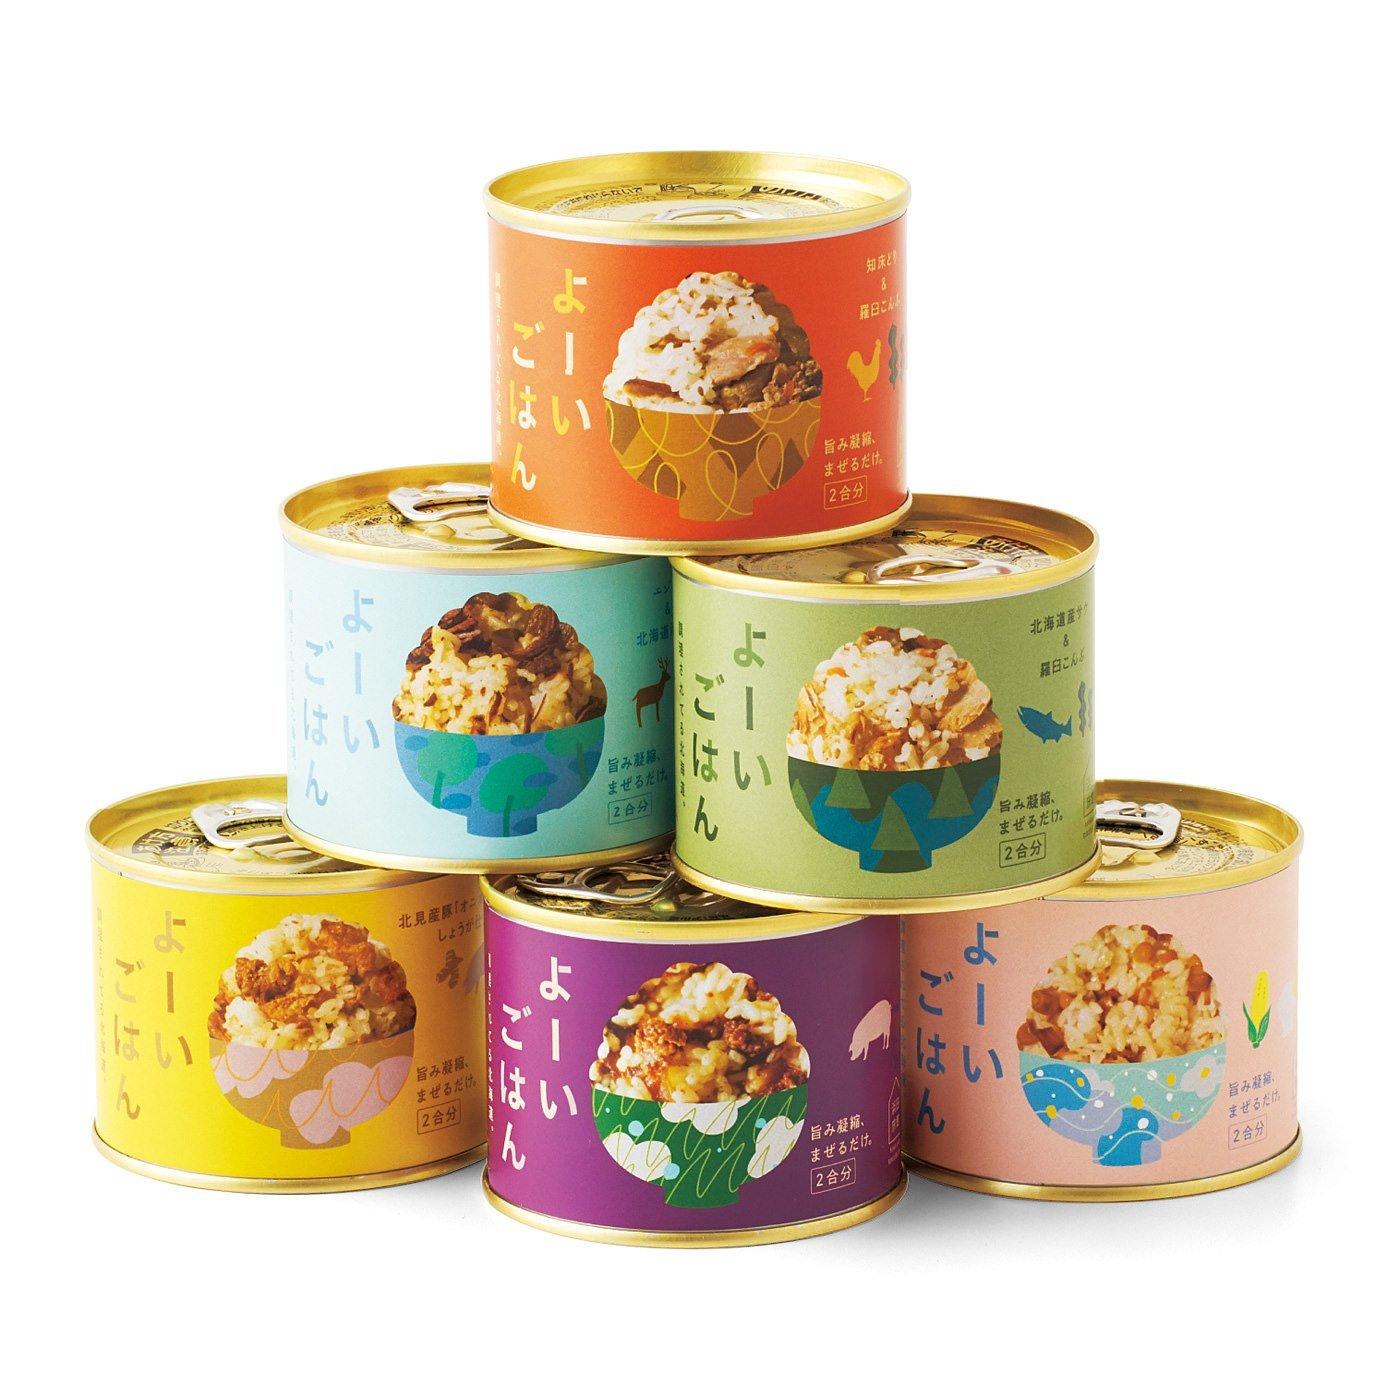 純農 北海道の旅館が本気を出した! スペシャル缶詰 よーいごはんの会(12回予約)